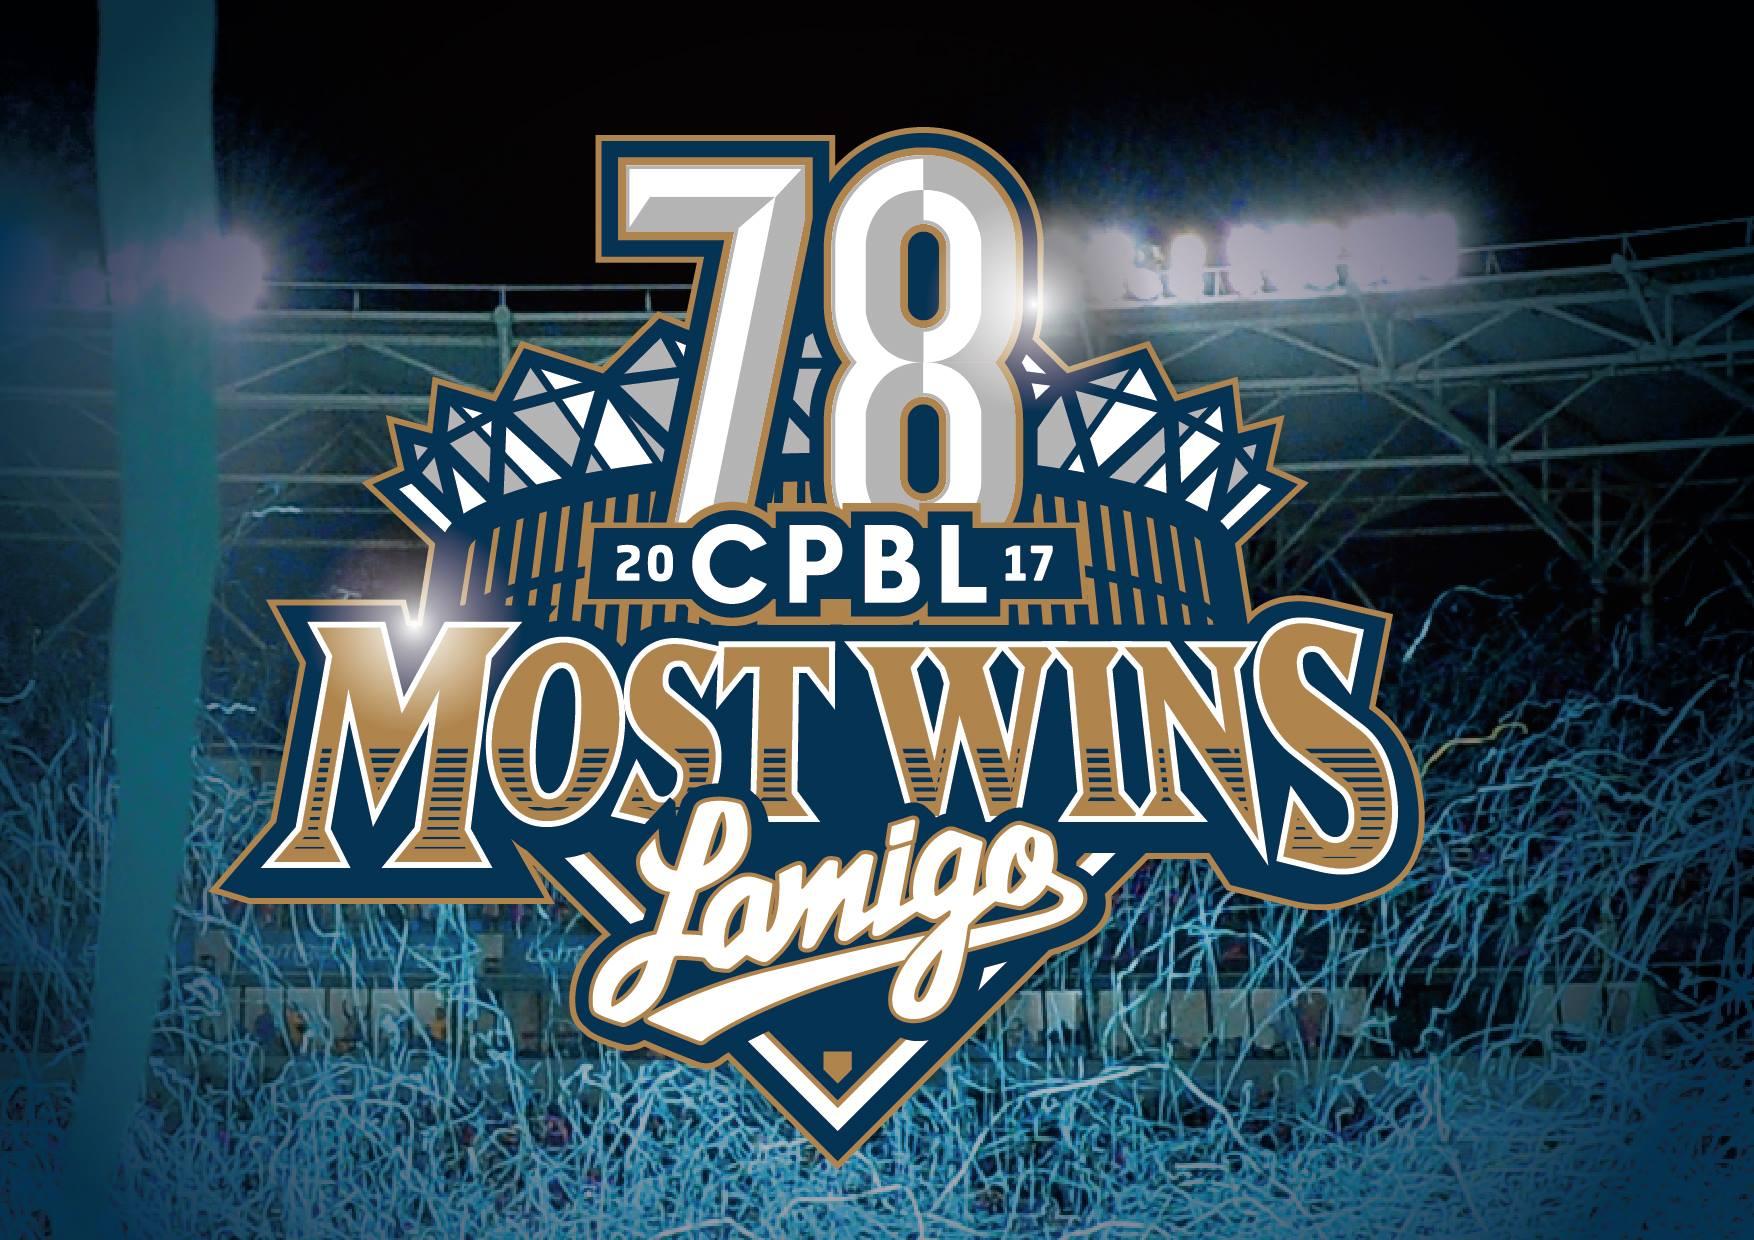 78 wins in a season lamigo monkeys most win in cpbl history